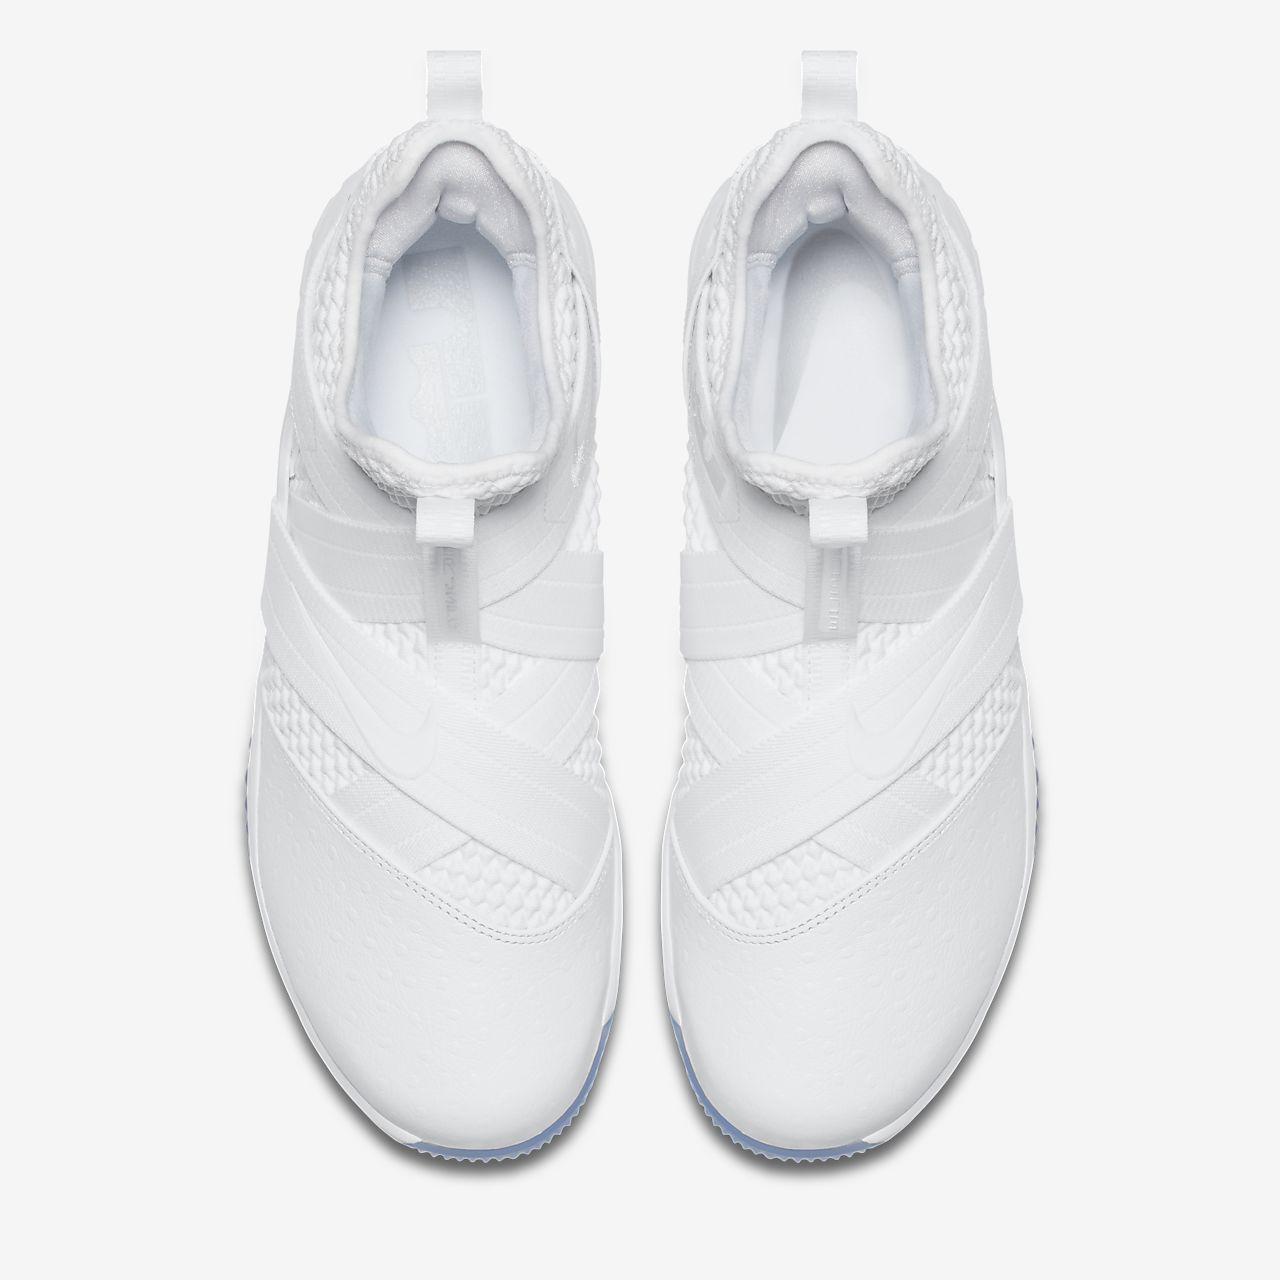 wholesale dealer 9e65b 6a160 ... LeBron Soldier 12 SFG Basketball Shoe